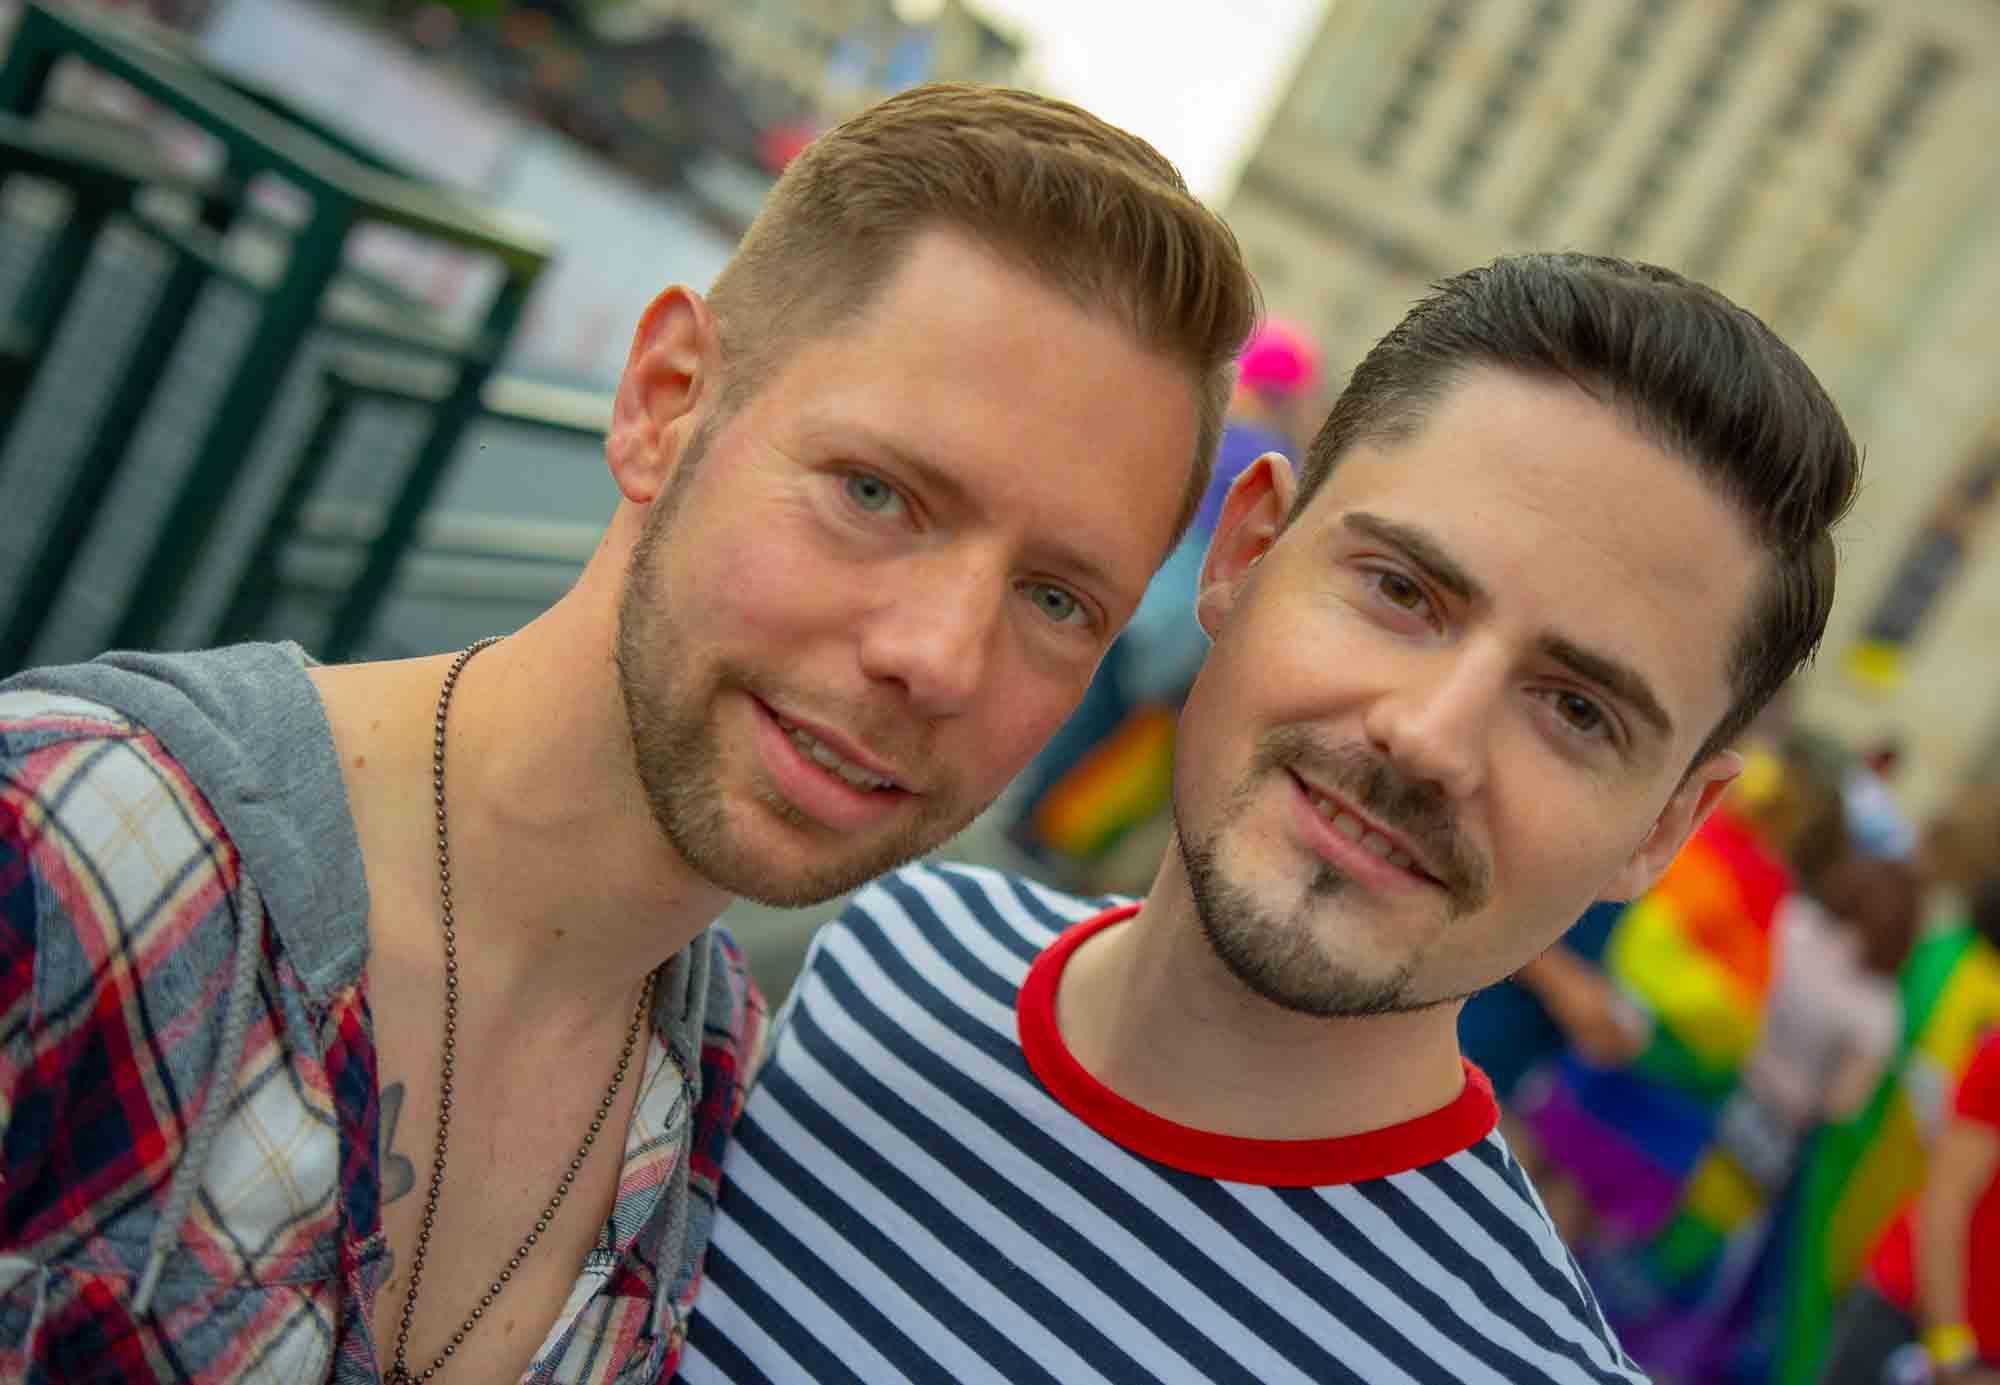 pride-brüssel-18-05-2019-_0008_Ebene 142